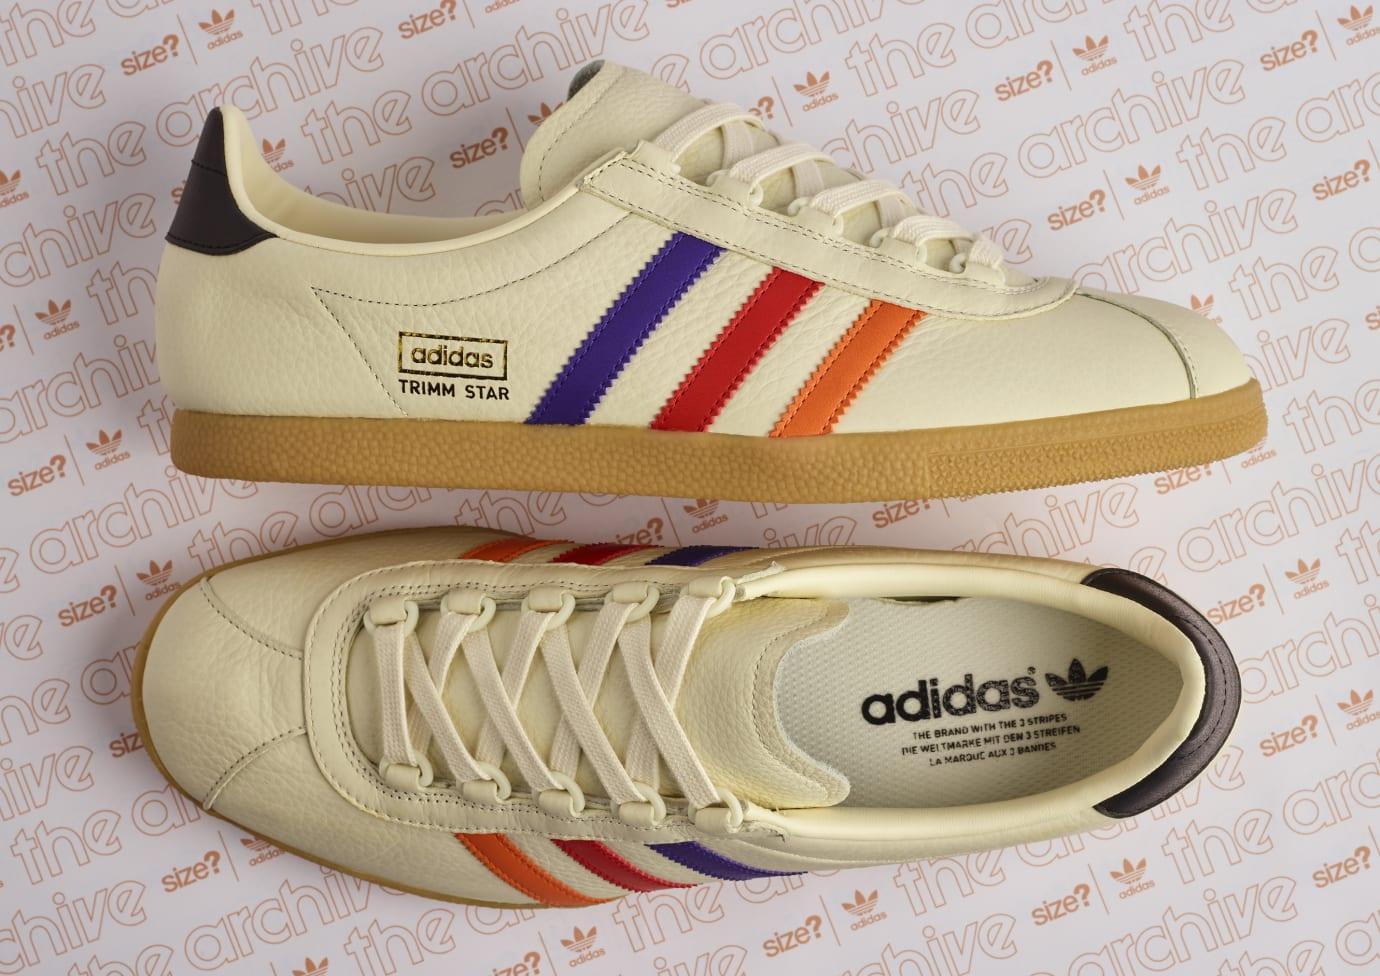 innovative design 34b20 c97de Image via size  size  exclusive Adidas Originals Archive Trimm Star  VHS  3